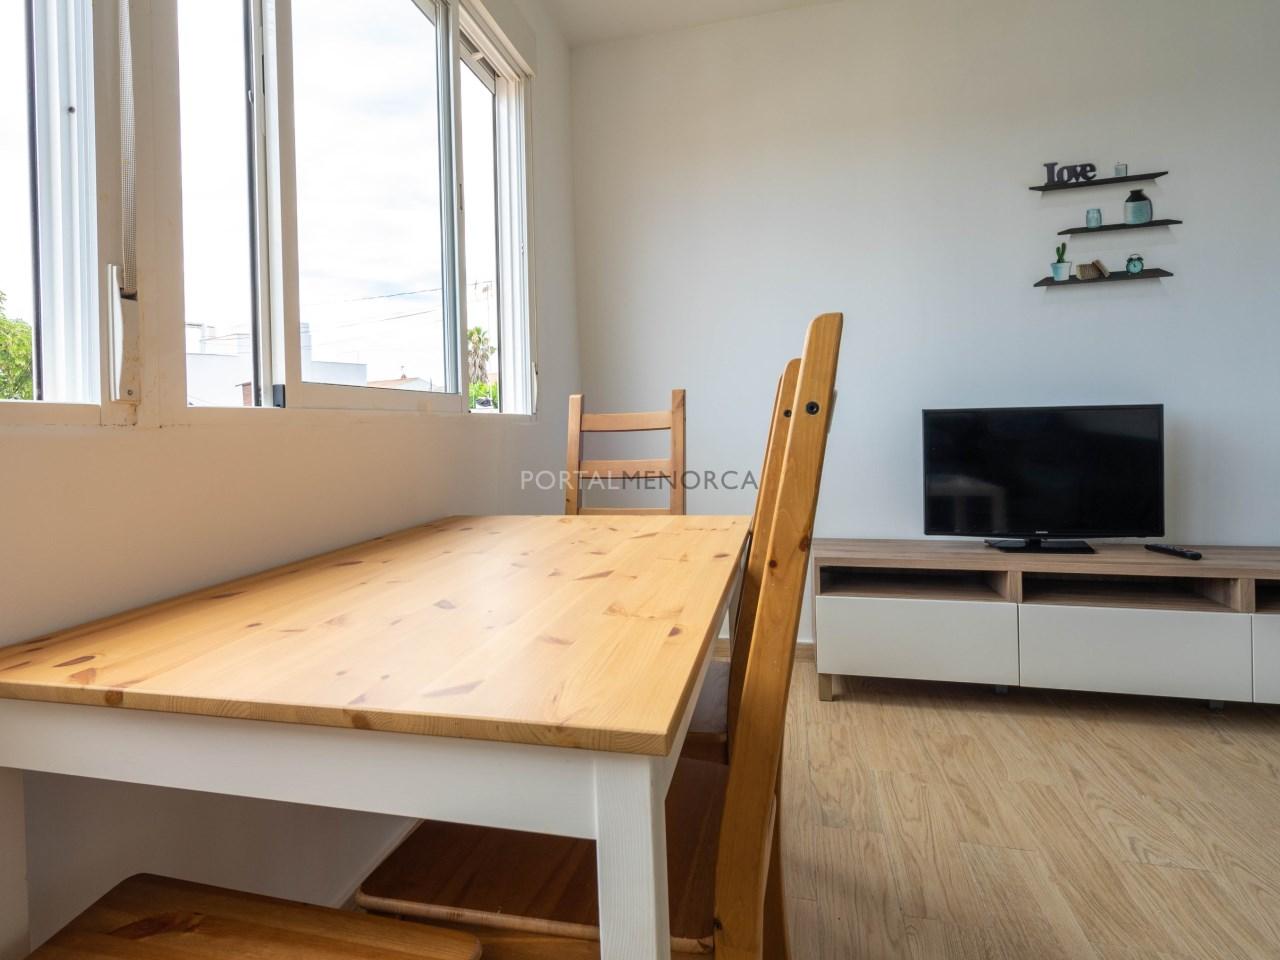 comprar-apartamento-menorca (2)